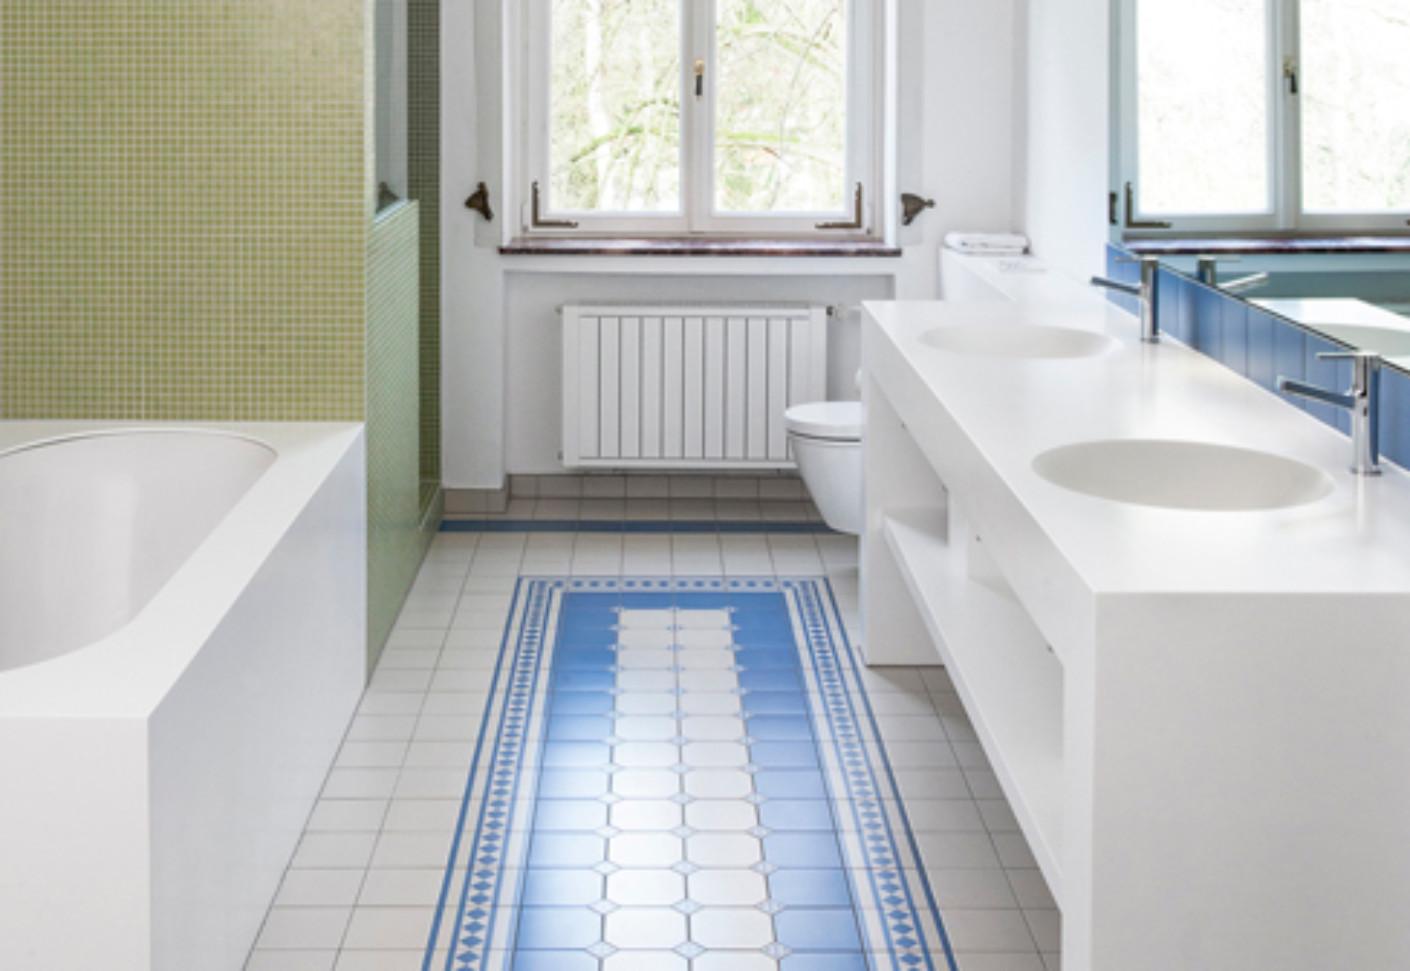 dupont corian pfeiffer jugendstil bad von dupont corian. Black Bedroom Furniture Sets. Home Design Ideas